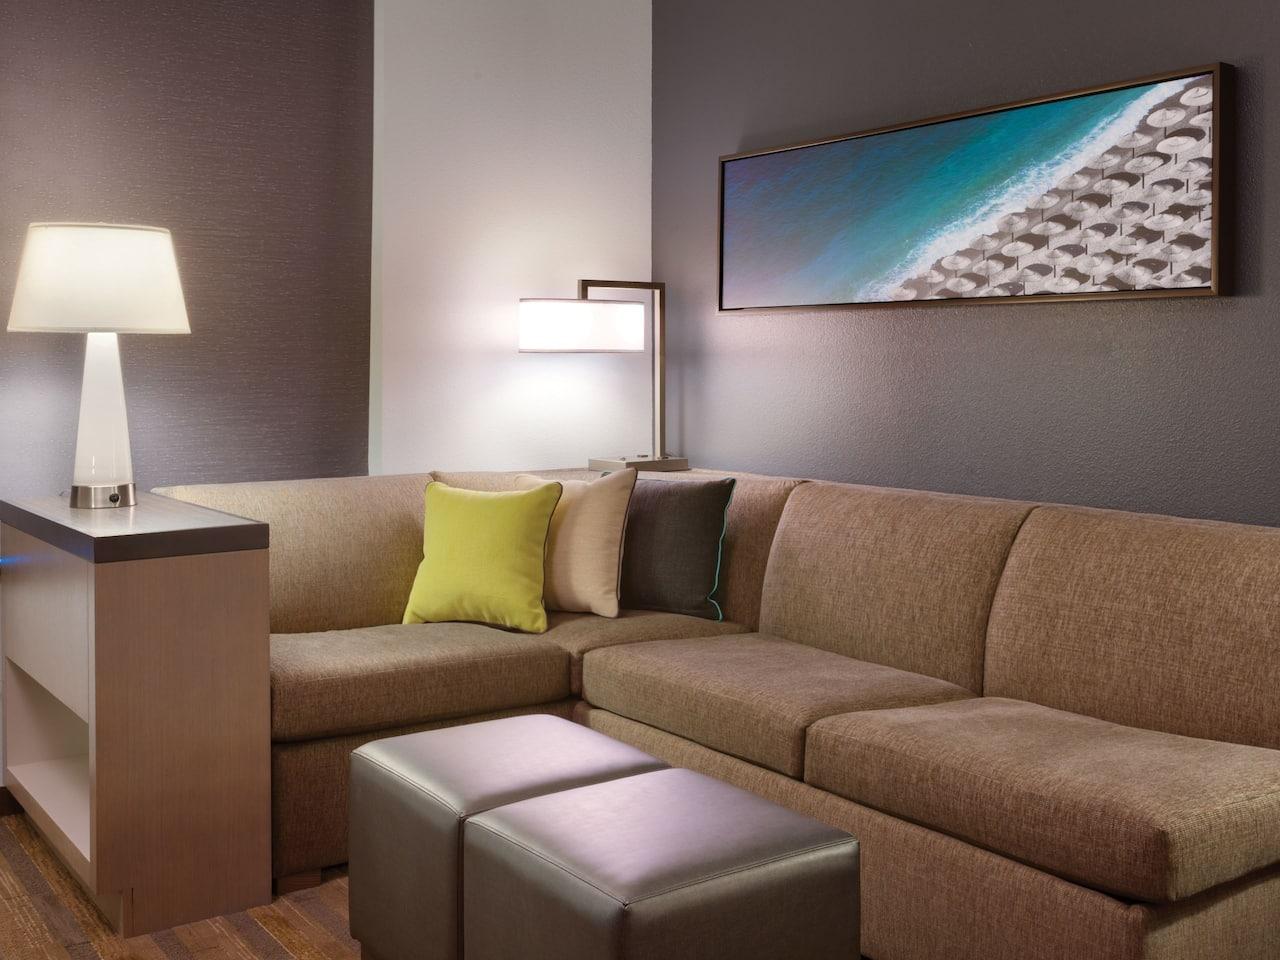 Hyatt House King Den Sitting Area